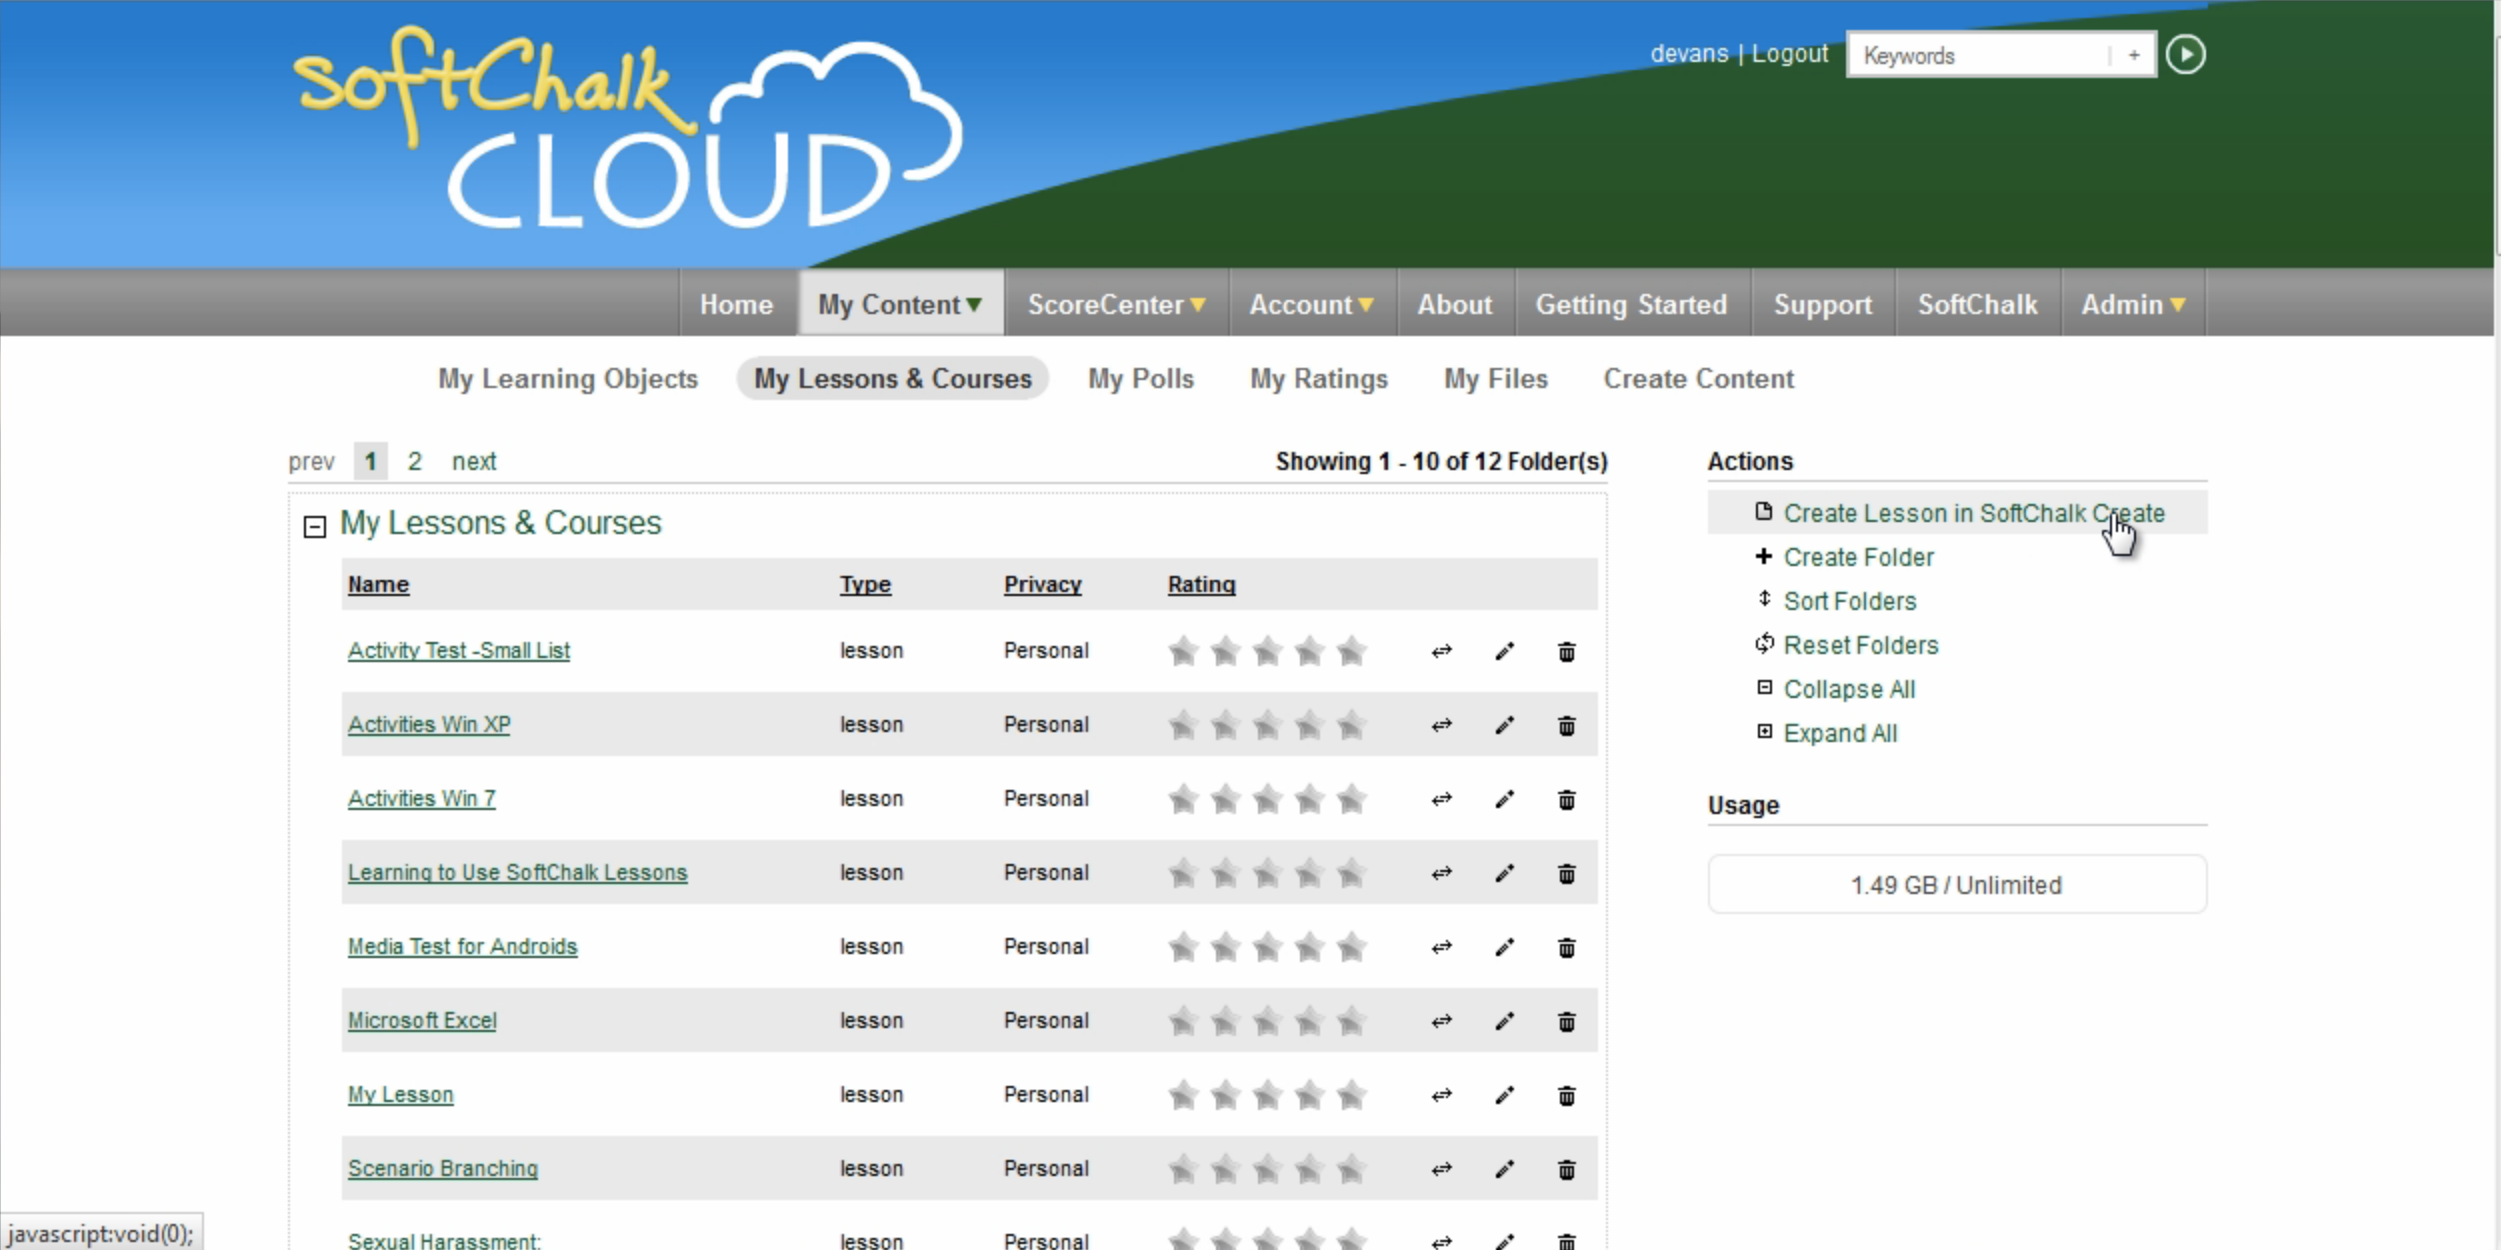 SoftChalk Cloud Demo - SoftChalk